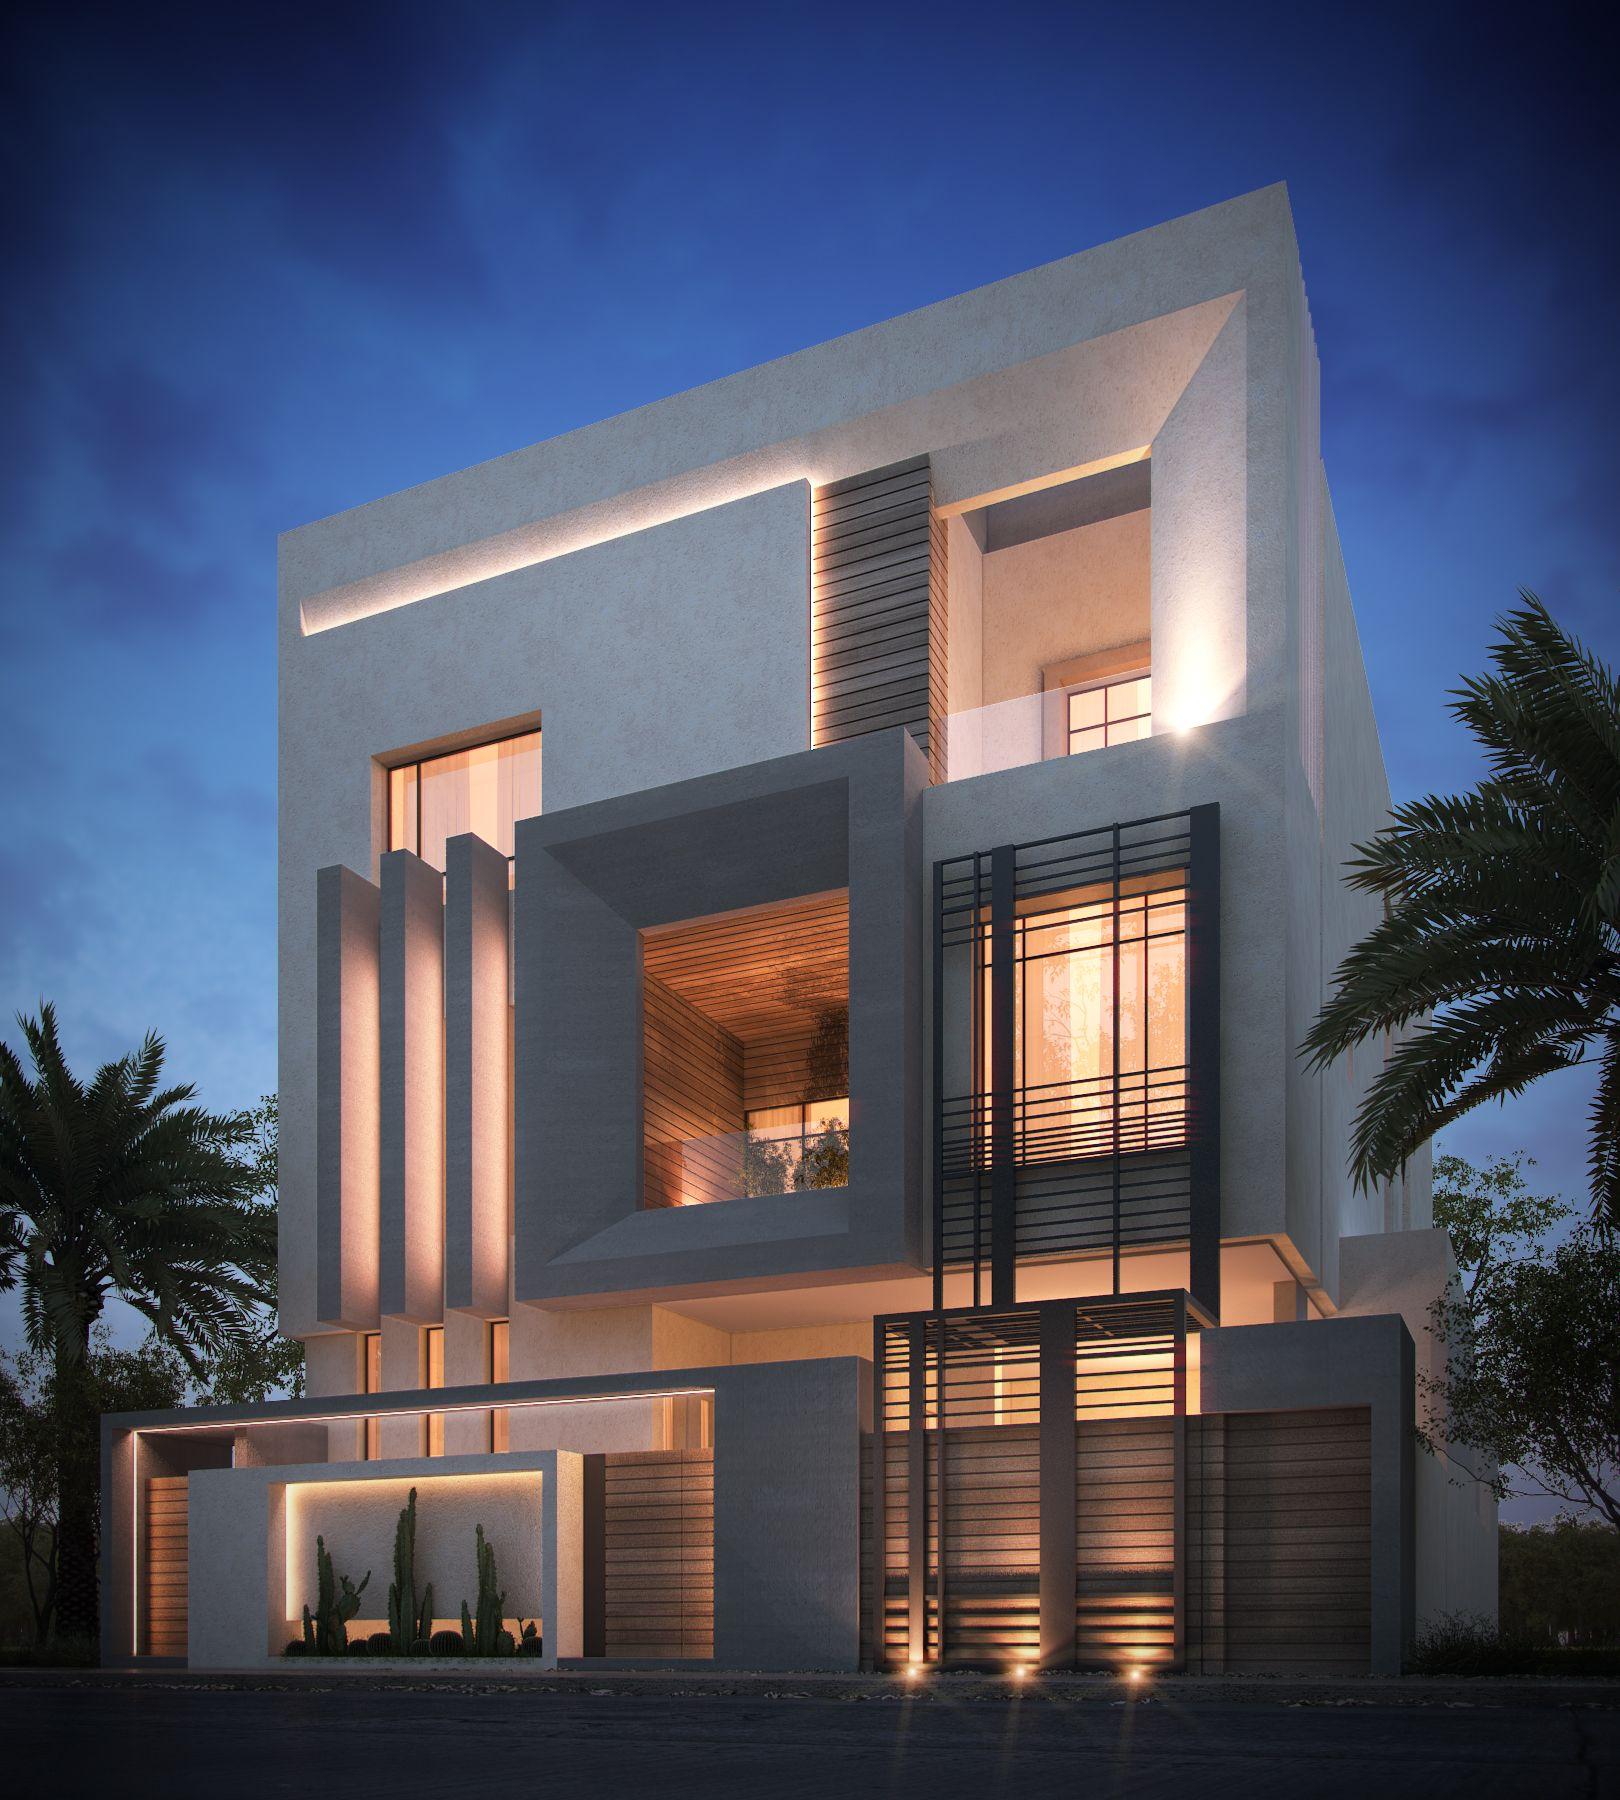 400 m private villa kuwait sarah sadeq architects   sarah sadeq ...